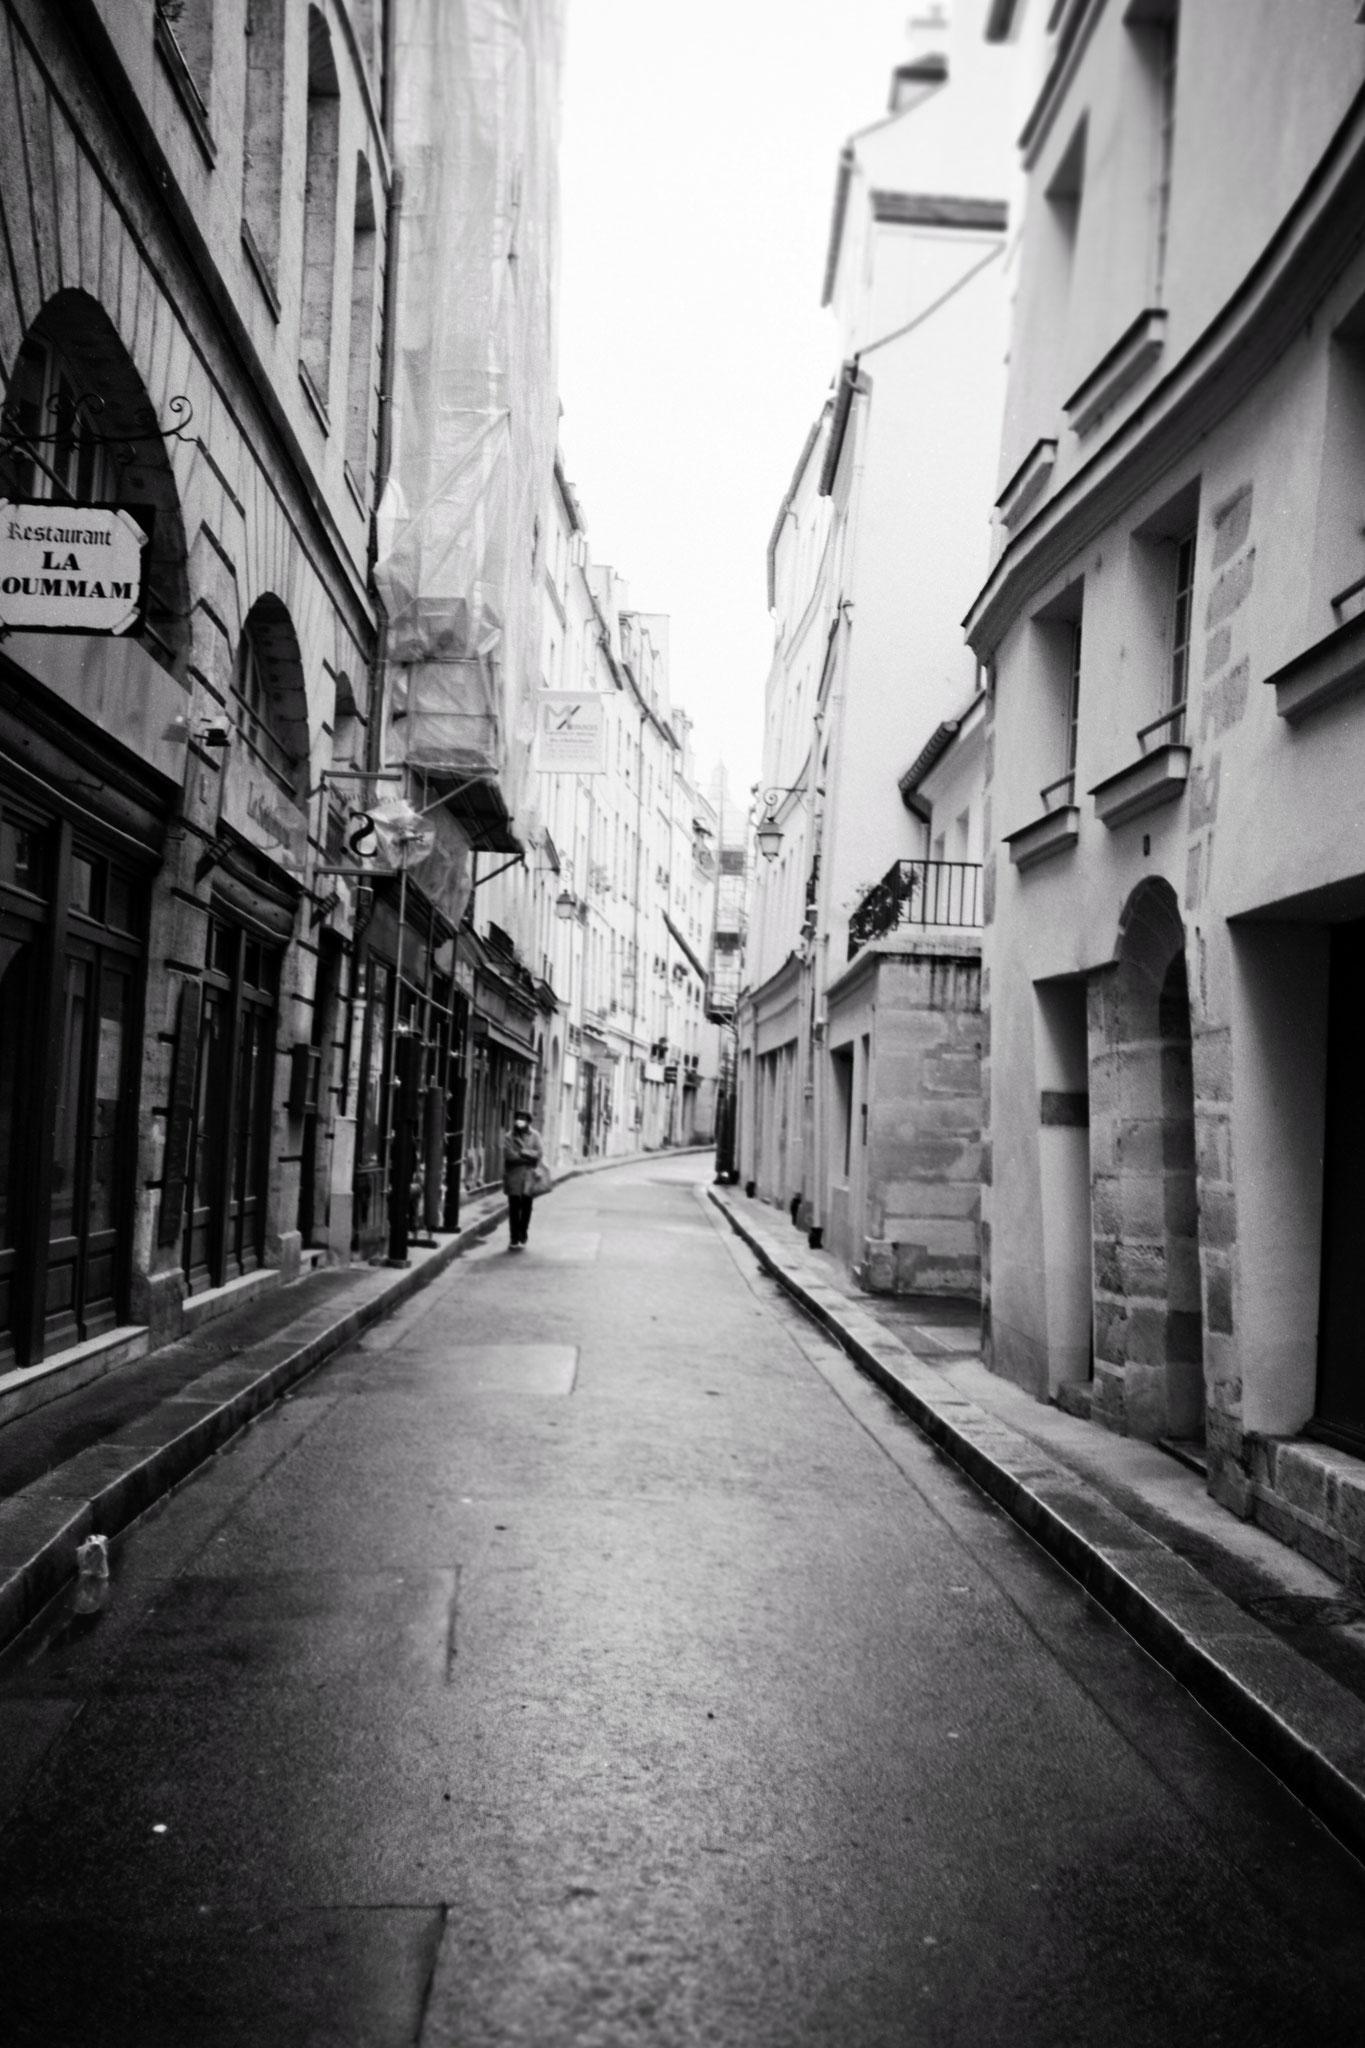 """""""Life without life"""" - Quartier St-Germain-des-Près, Paris (2021). Rollei RPX 25 ASA. © Clémence Rougetet"""